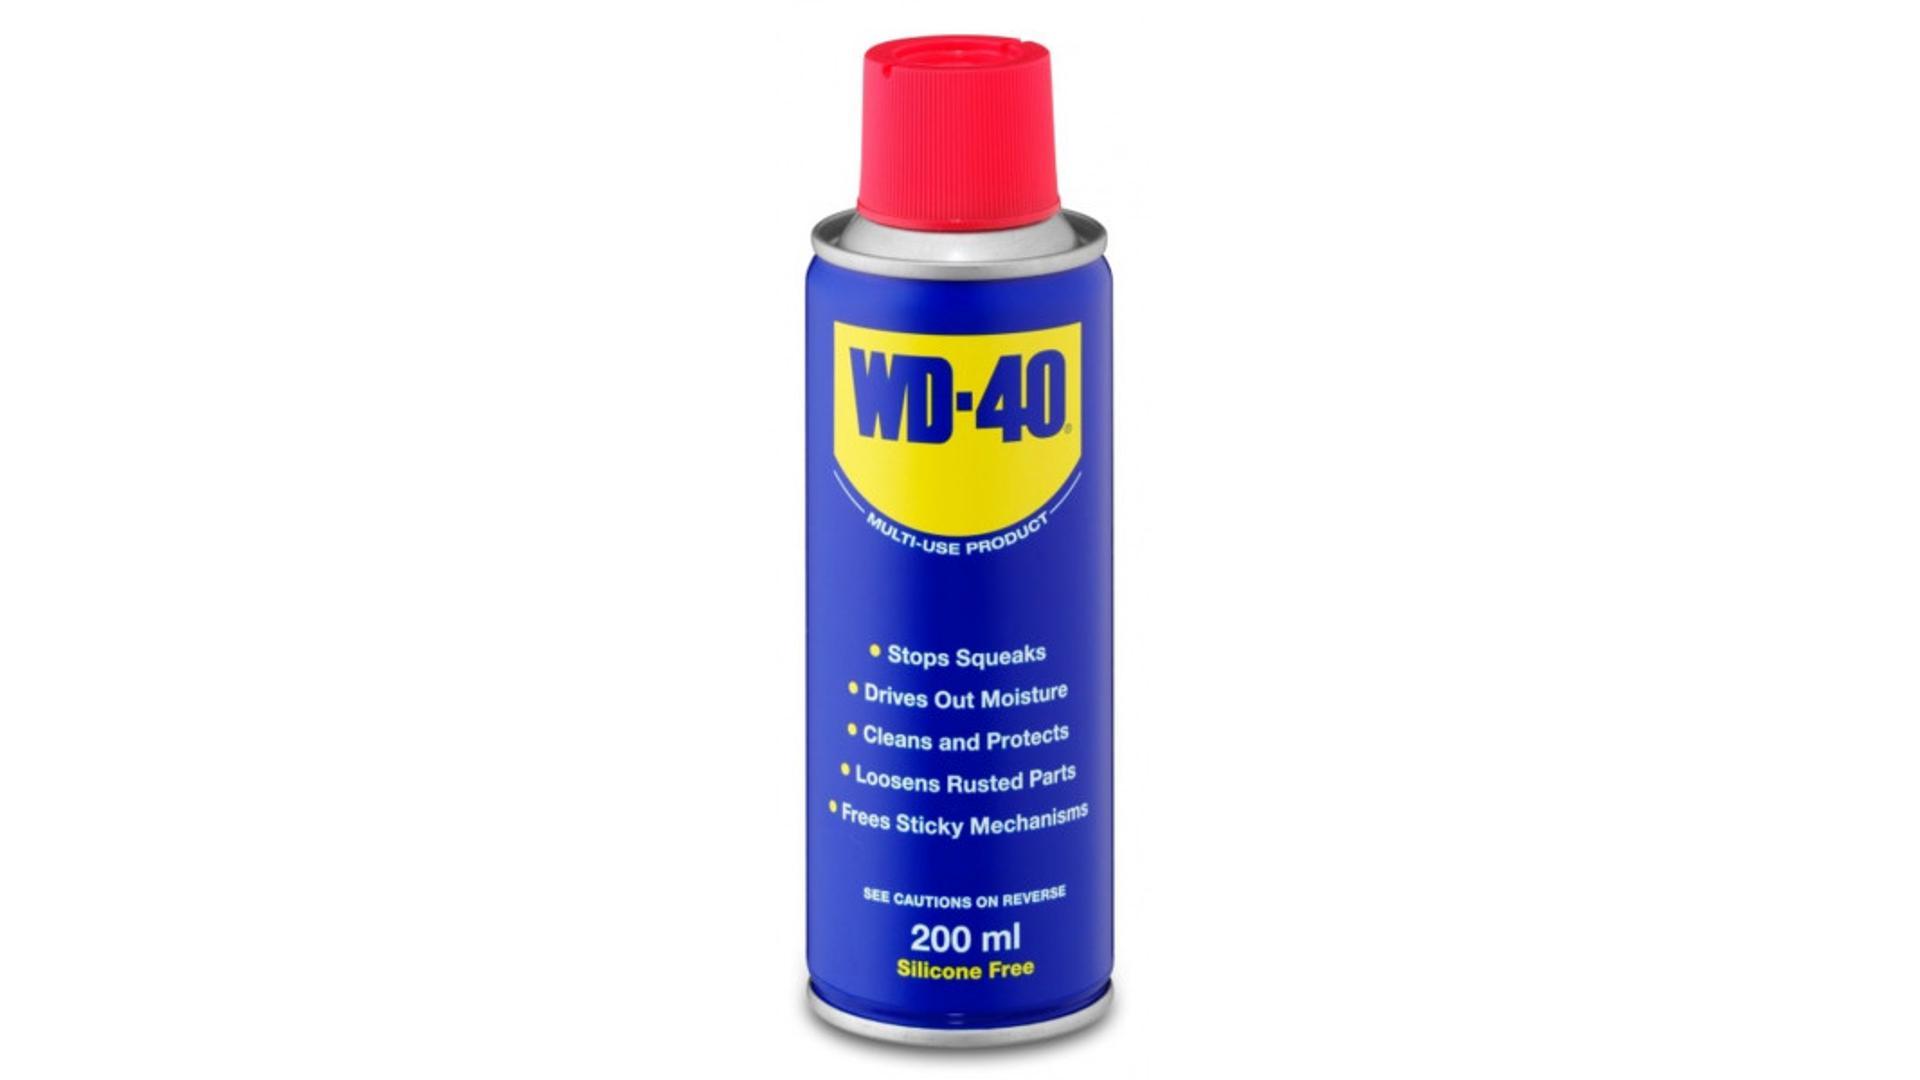 WD-40 Univerzálny mazací sprej 200ml